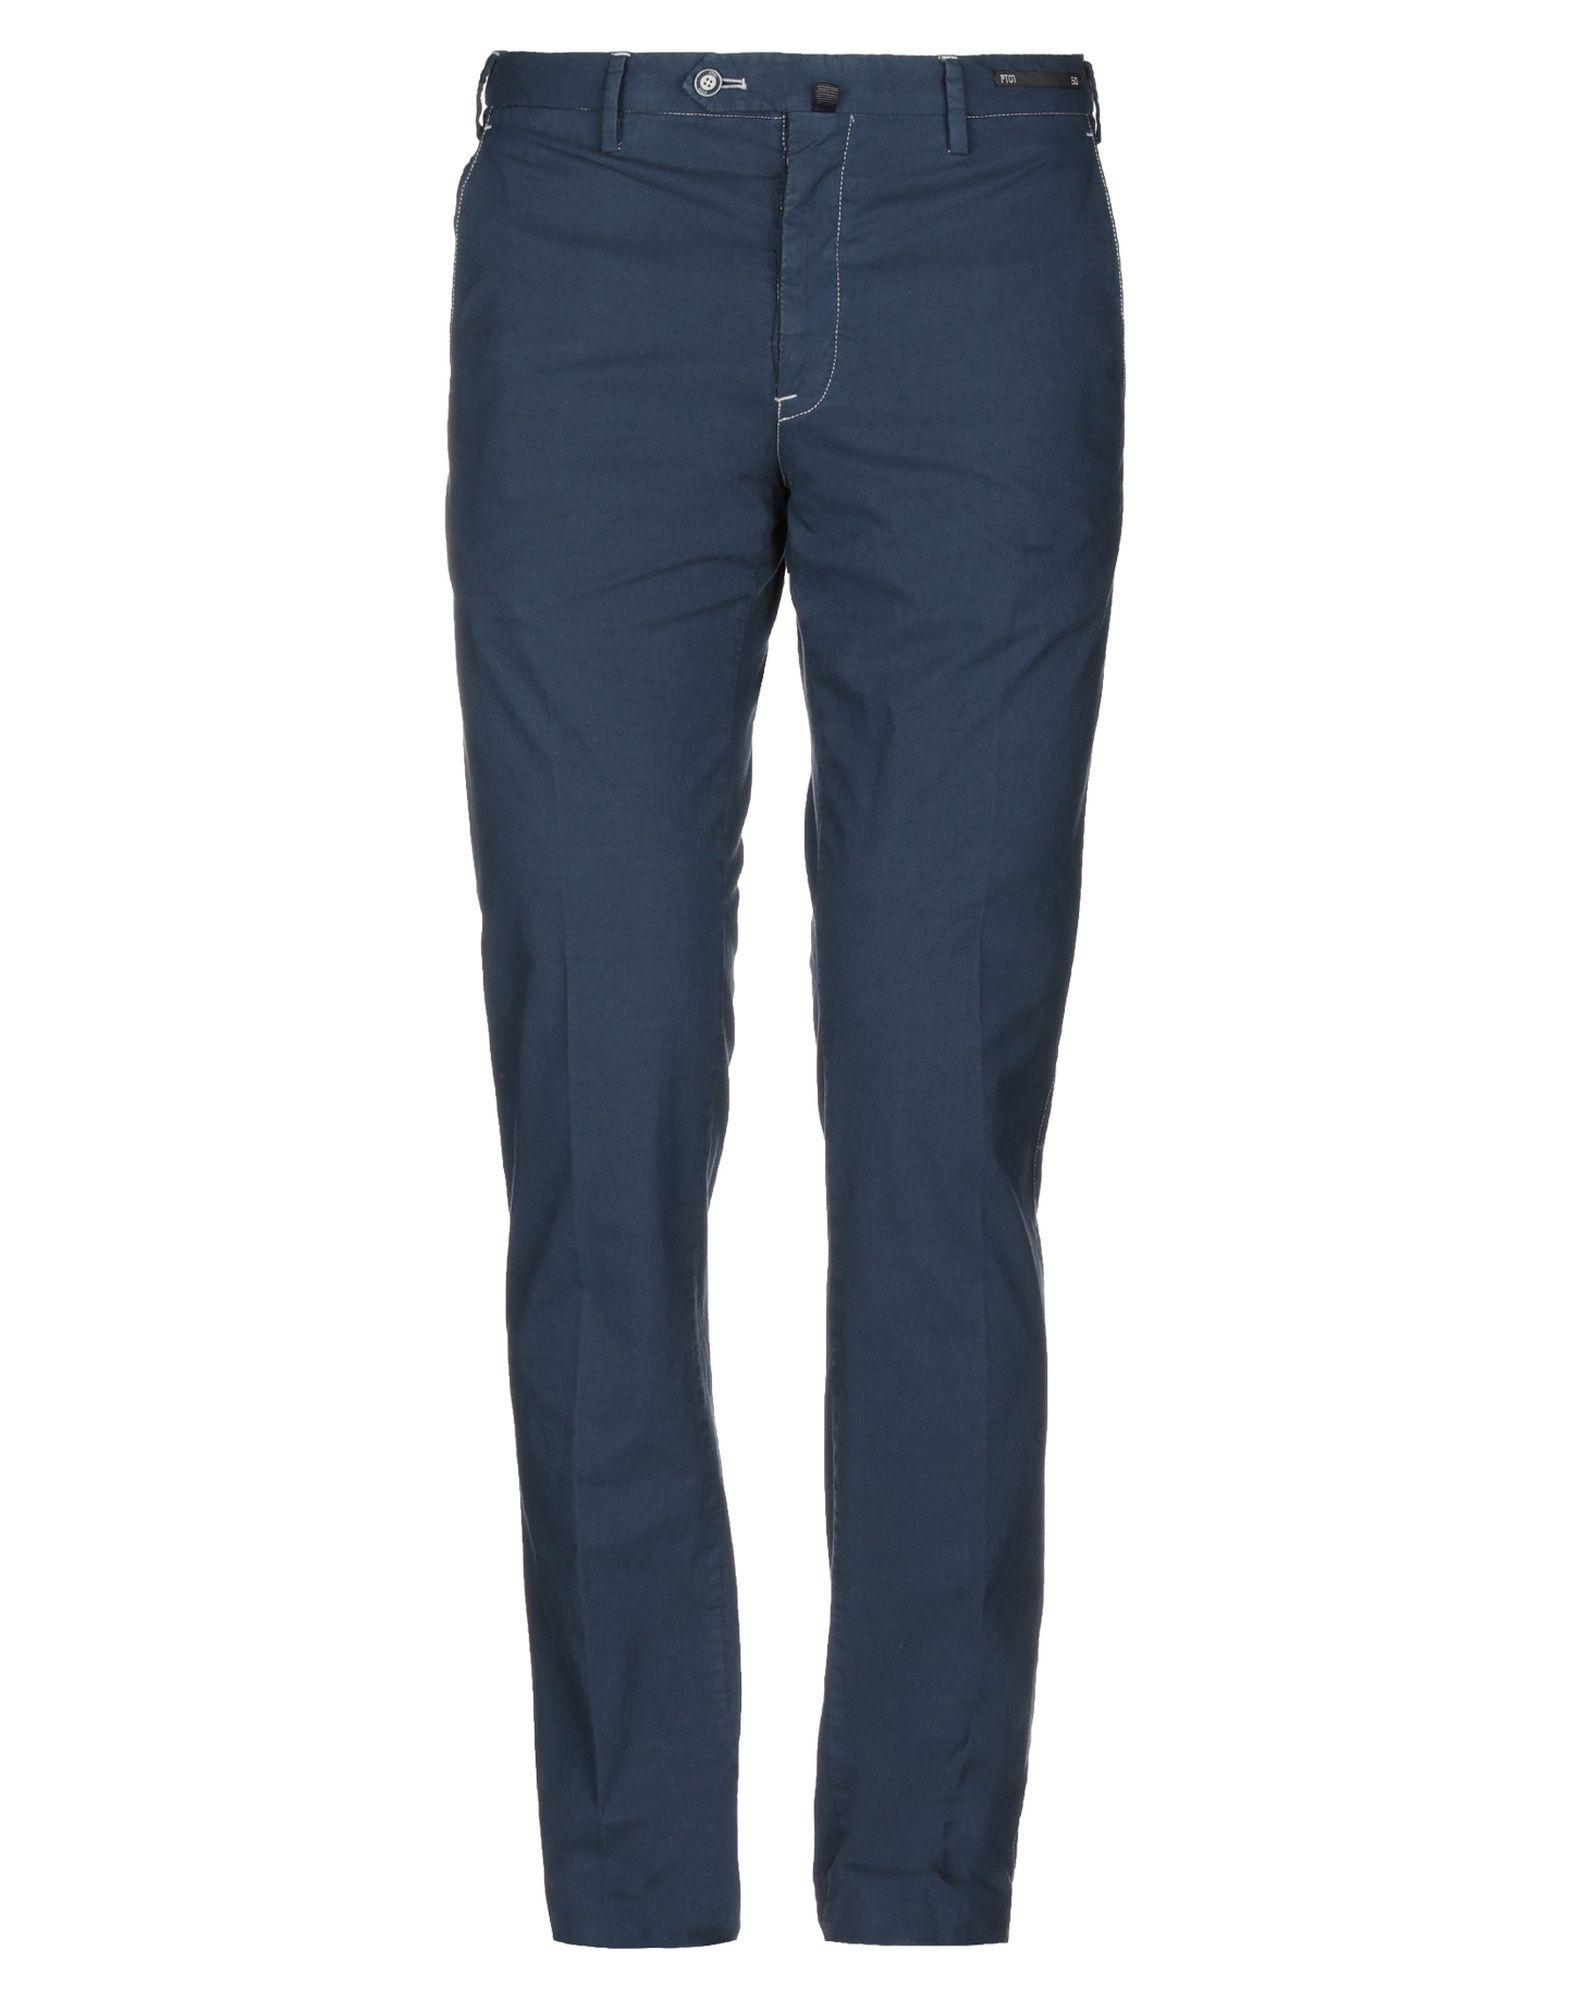 Pantalone Pt01 uomo - 13287252NF 13287252NF